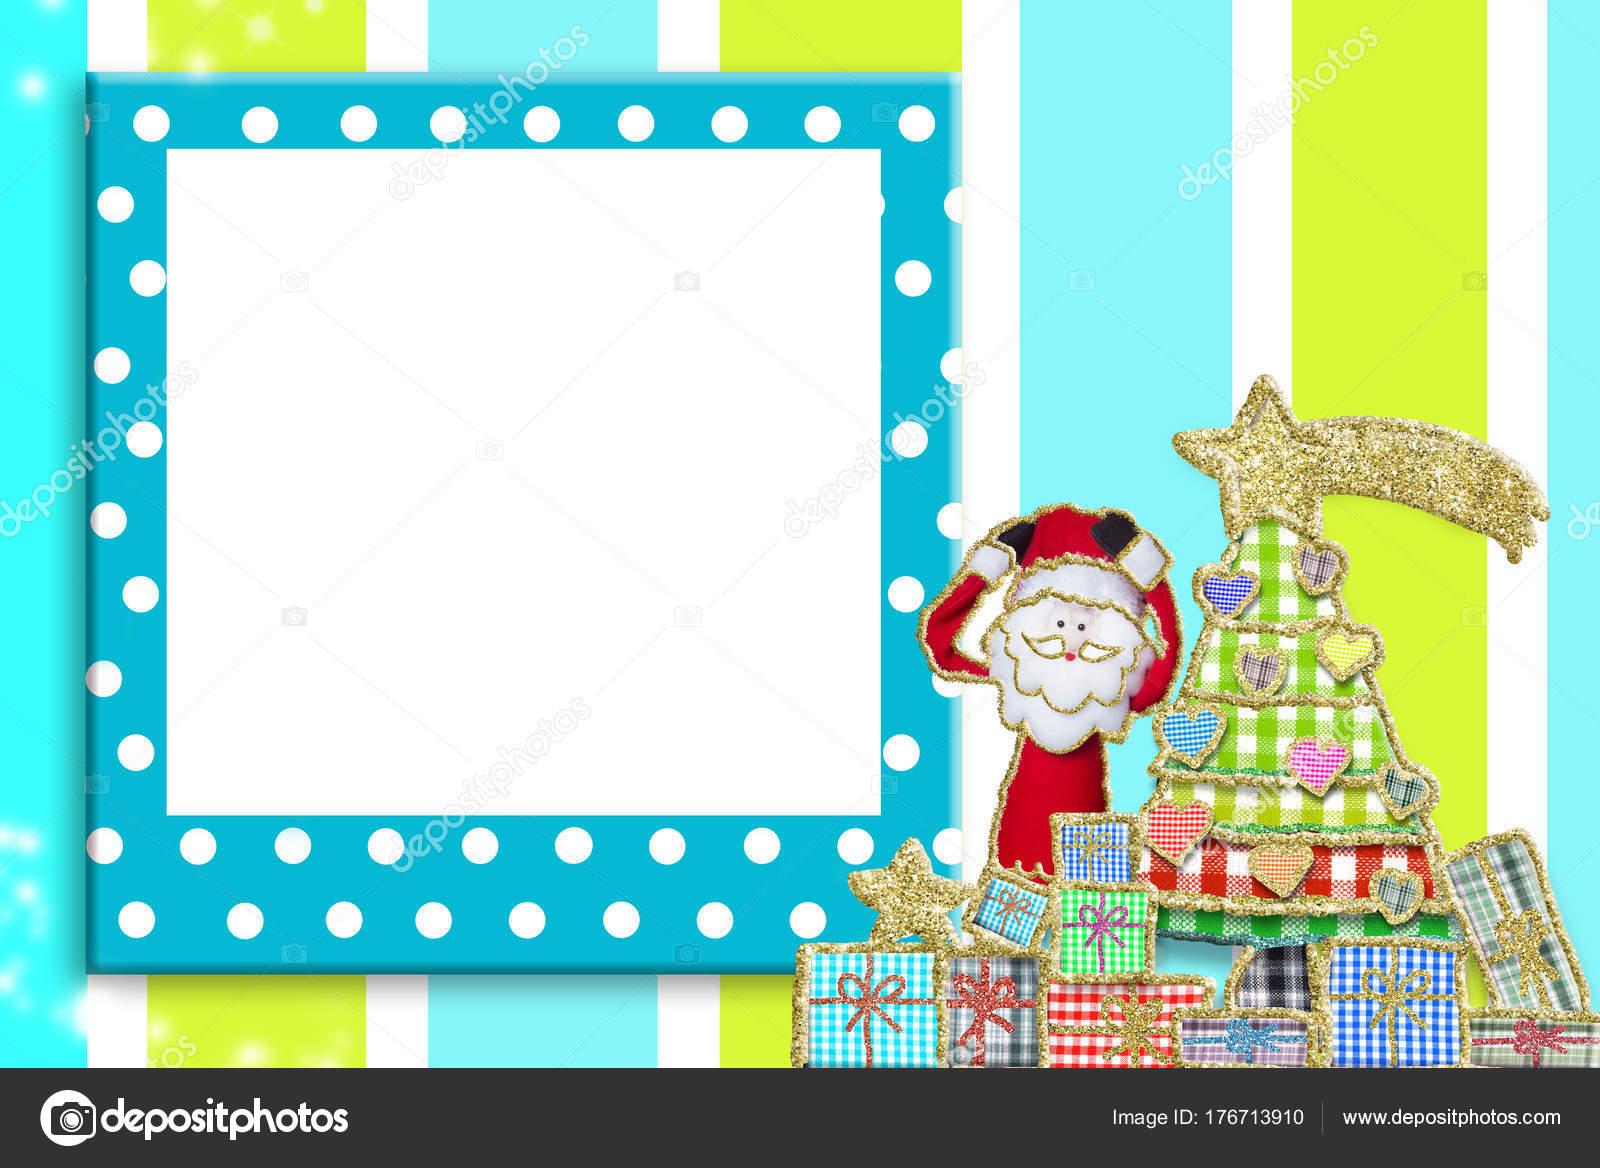 Marcos Para Fotos De Arbol De Navidad.Fotos Descargar Programa Marcos Para Bebes Marco De